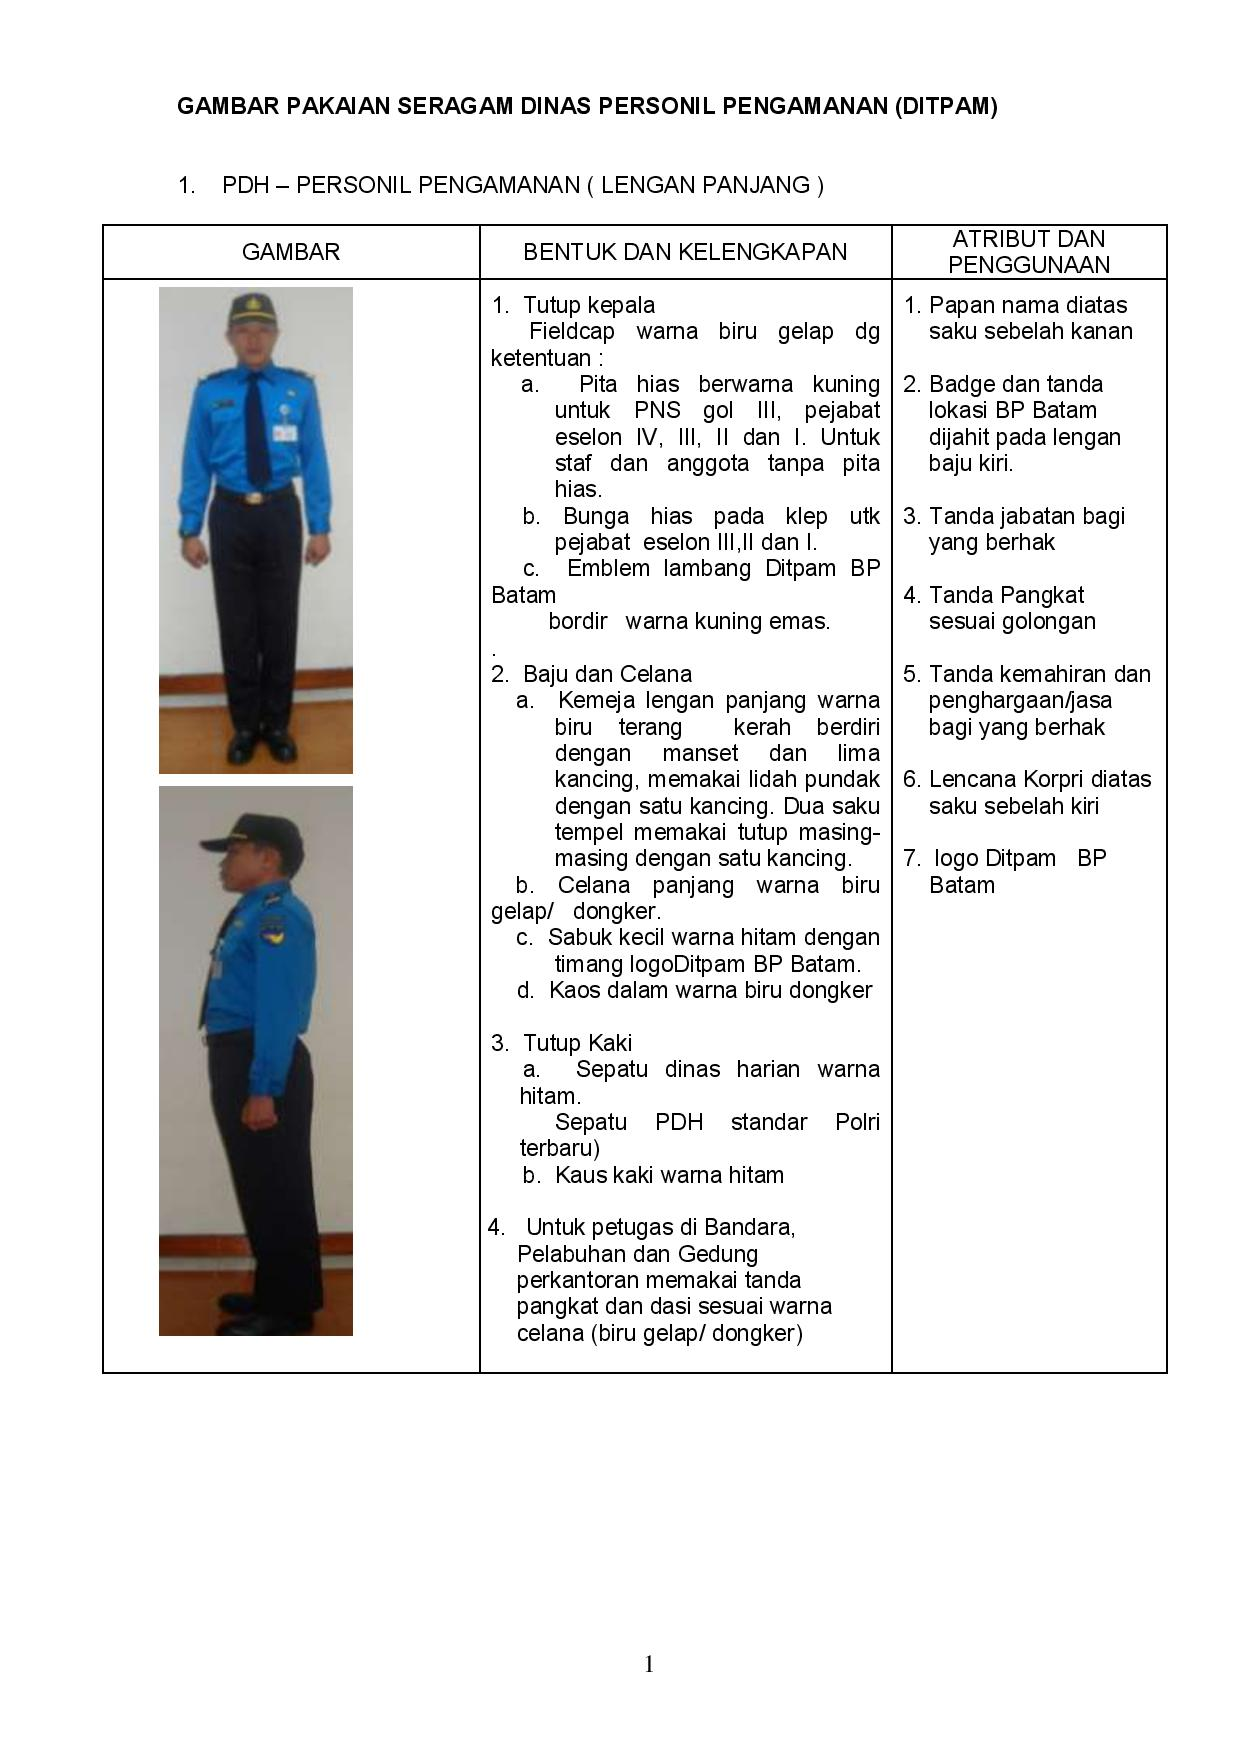 Seragam Pengamanan Stelan Pakaian Dinas Harian Pdh Lengan Panjang